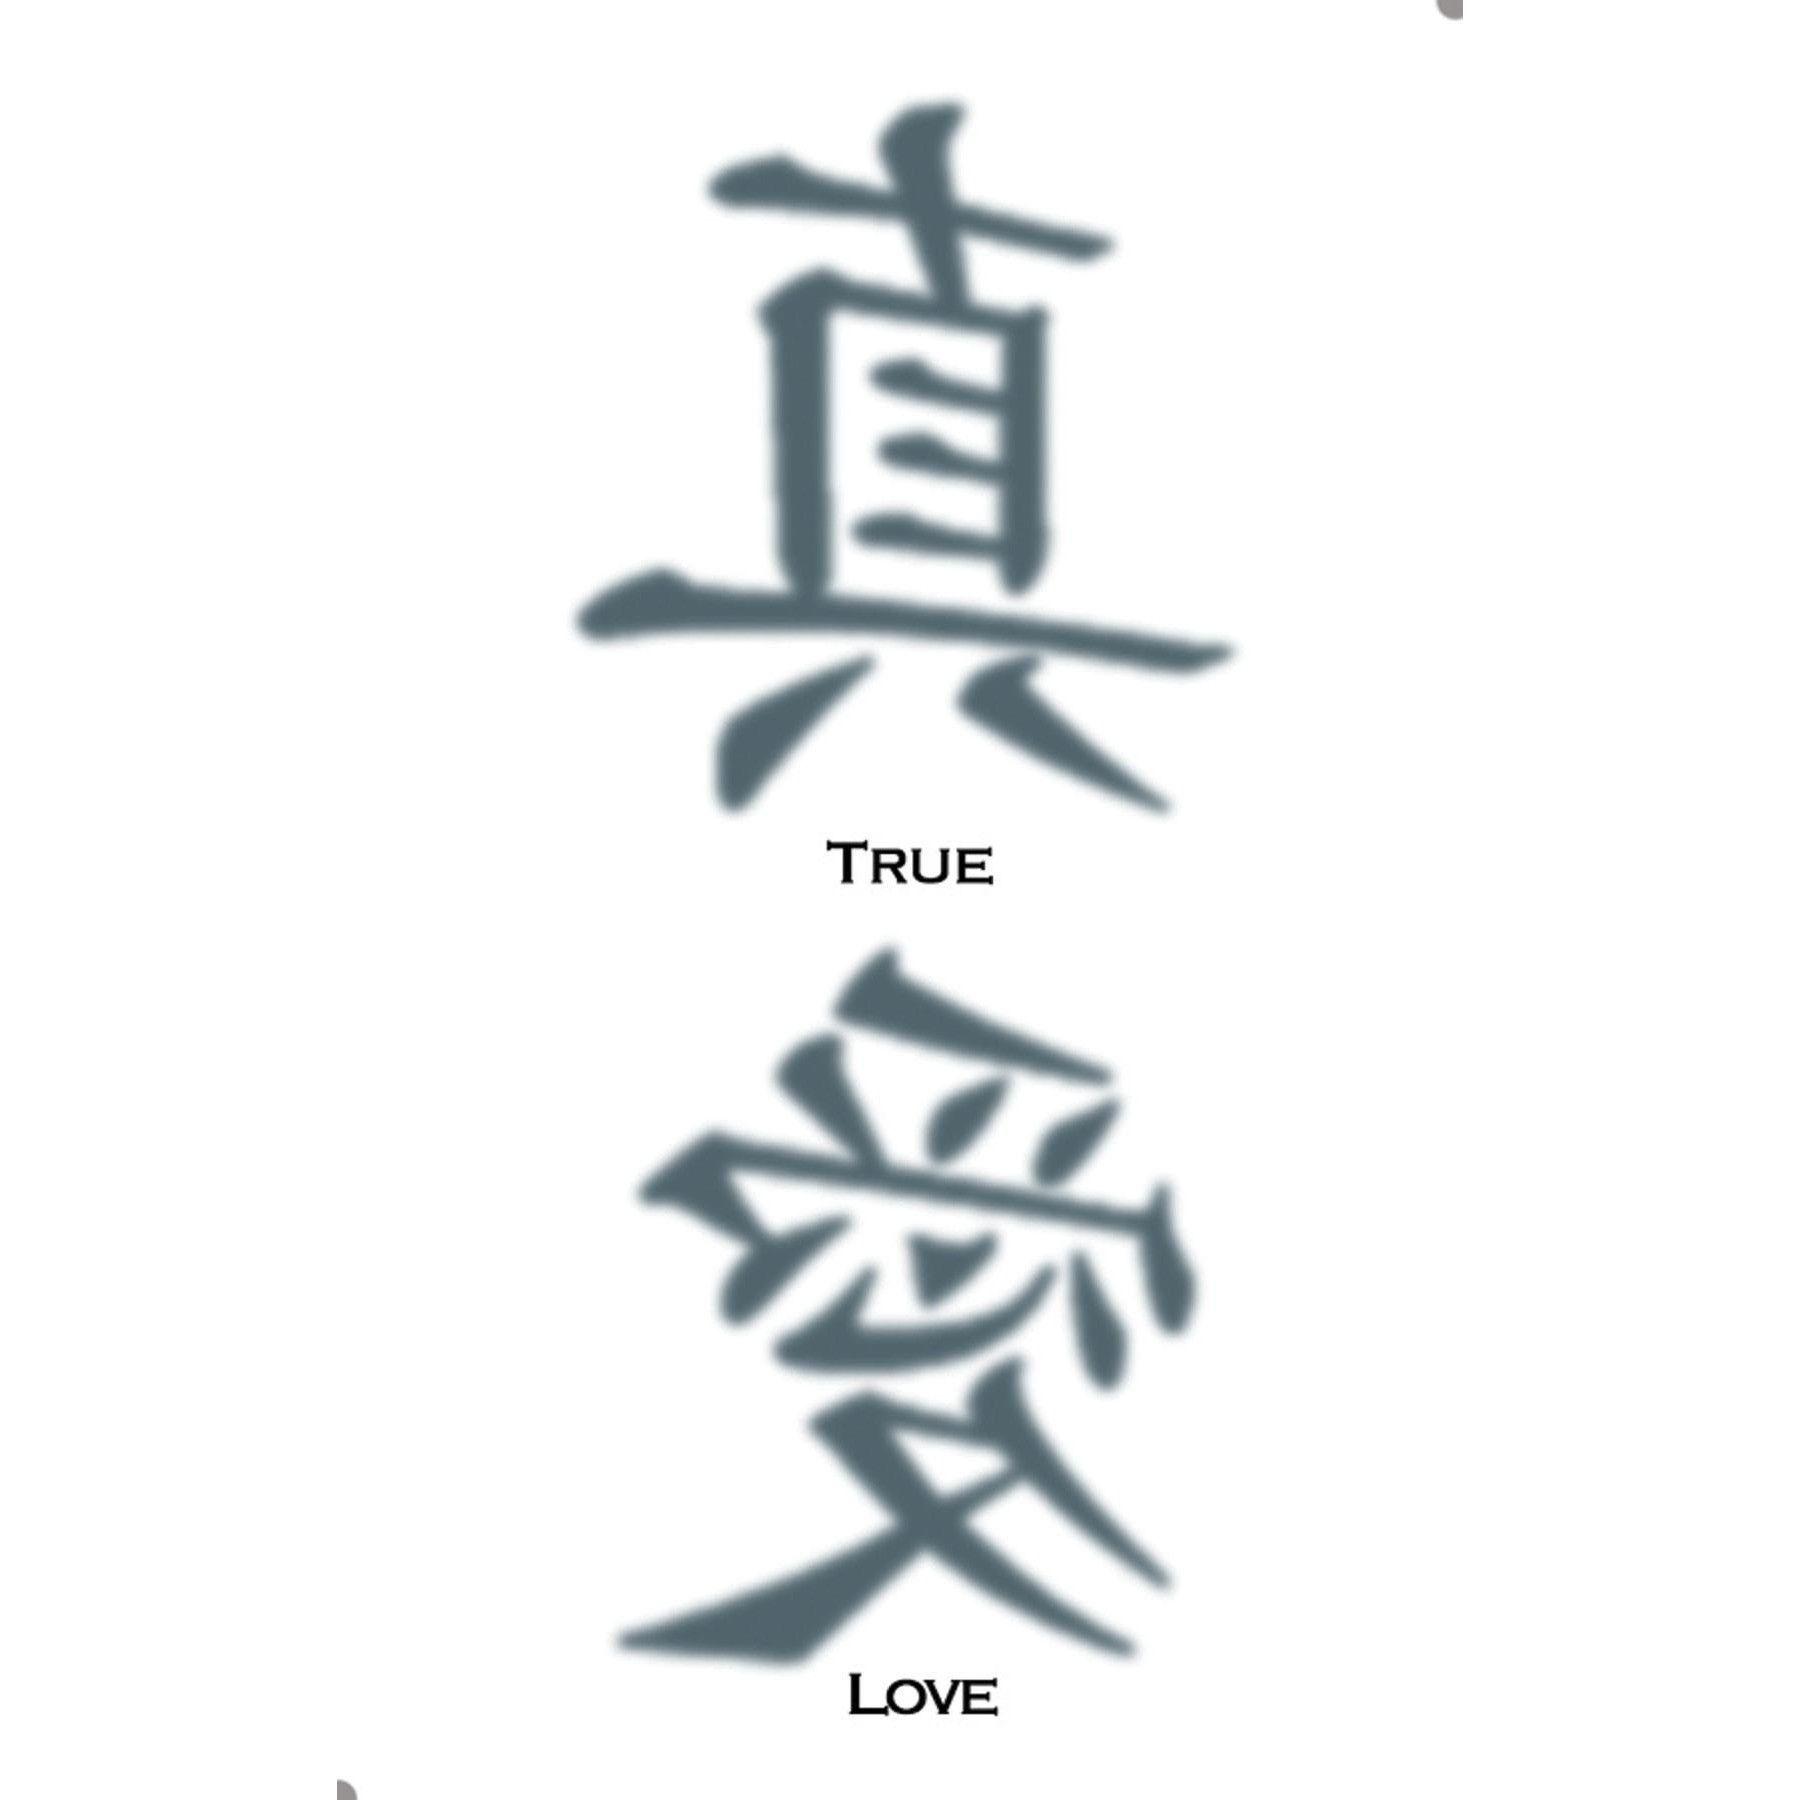 Tattoo Tribal True Love Products Pinterest Tattoo And Tattos